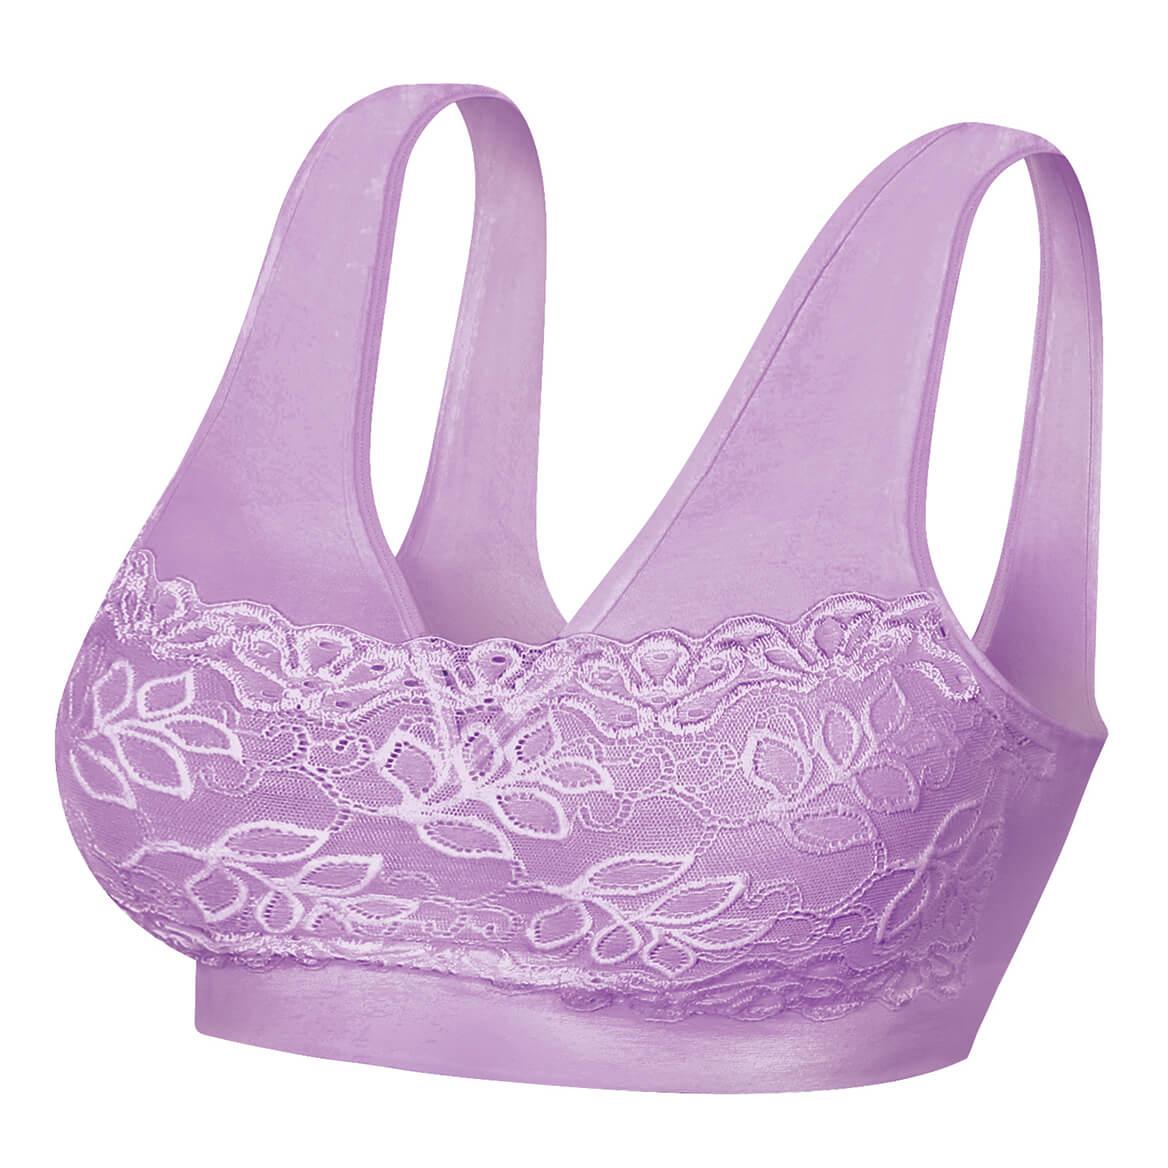 Lace Cami Stretch Bra-370067